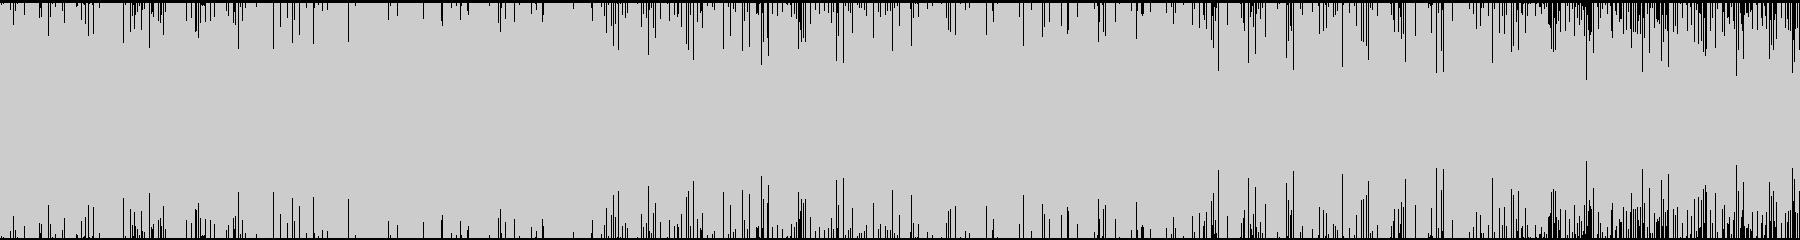 フルート、バイオリン主体のケルト調な曲の未再生の波形